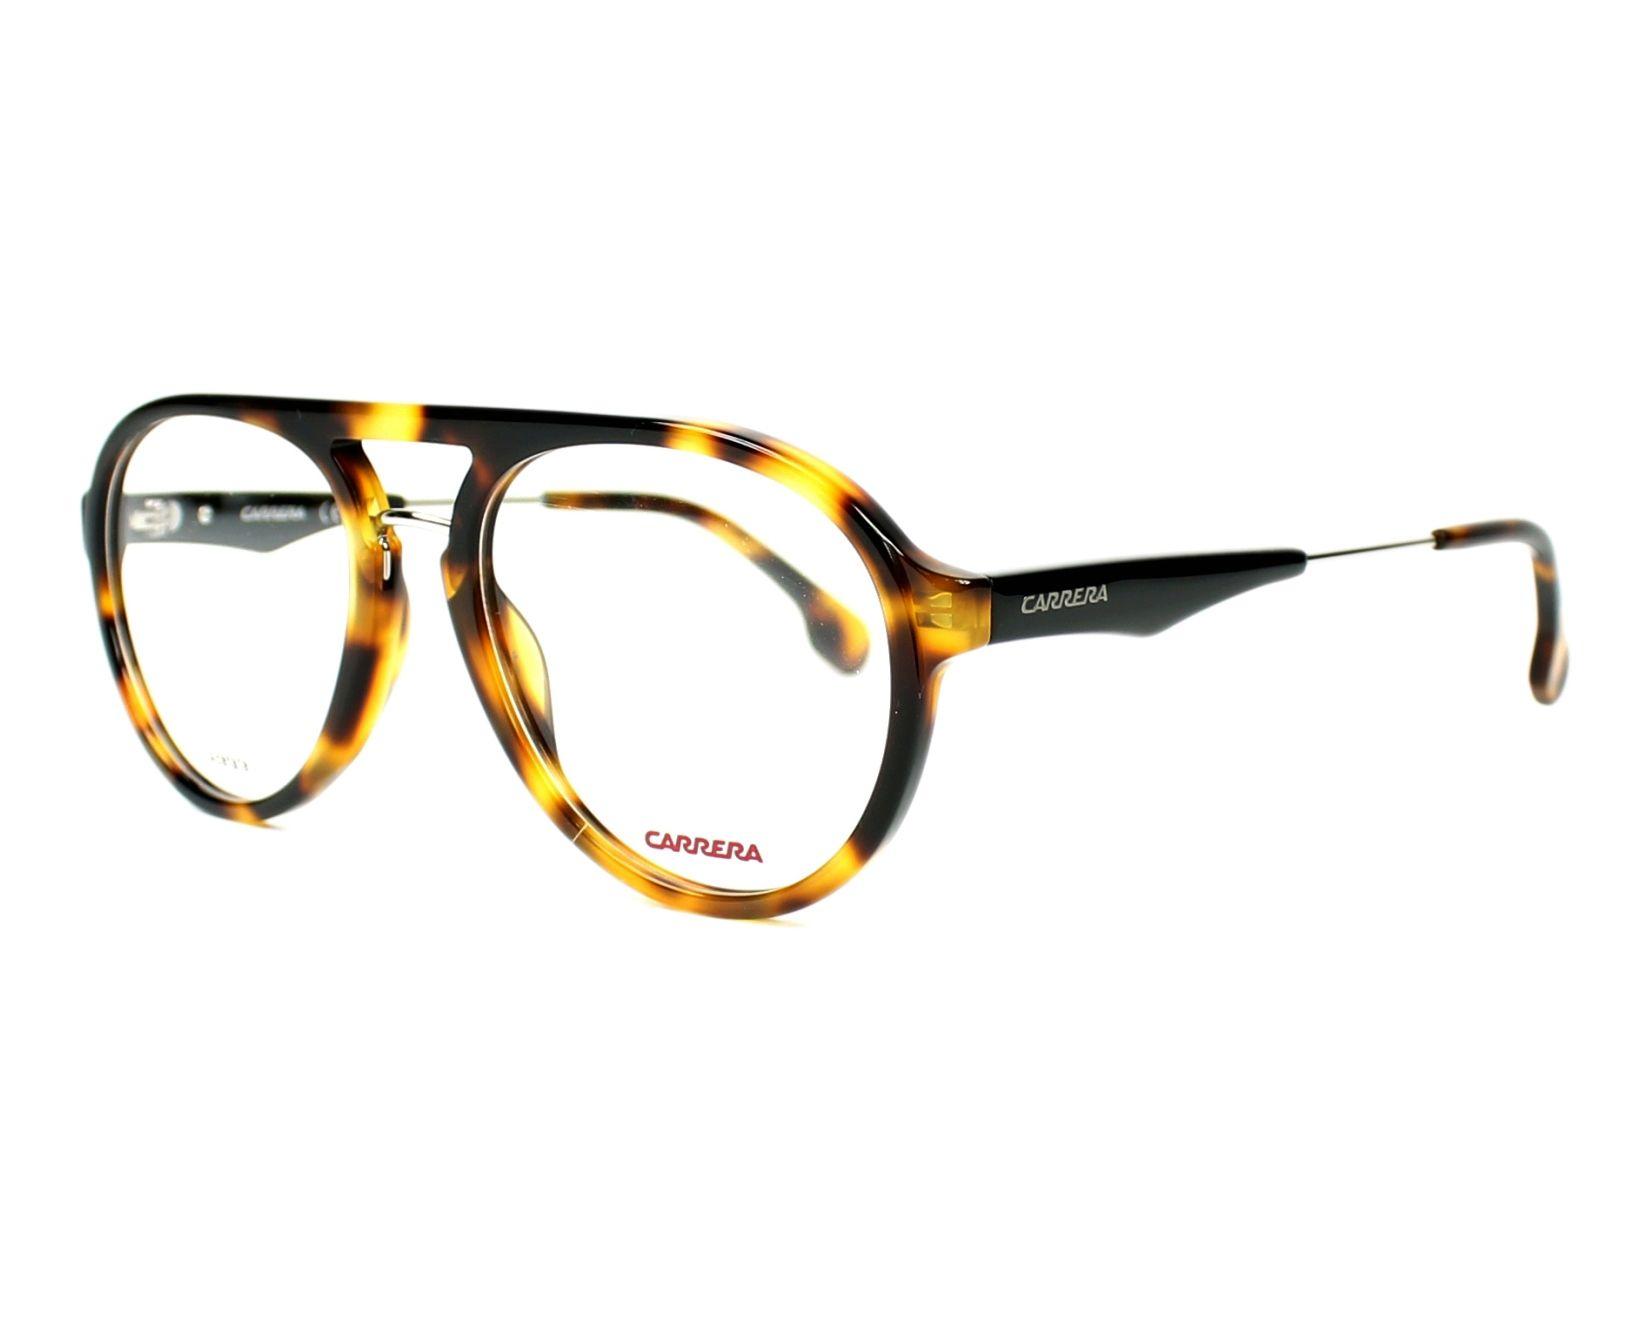 9a0e85aa130 eyeglasses Carrera CA-137-V SX7 53-19 Havana profile view